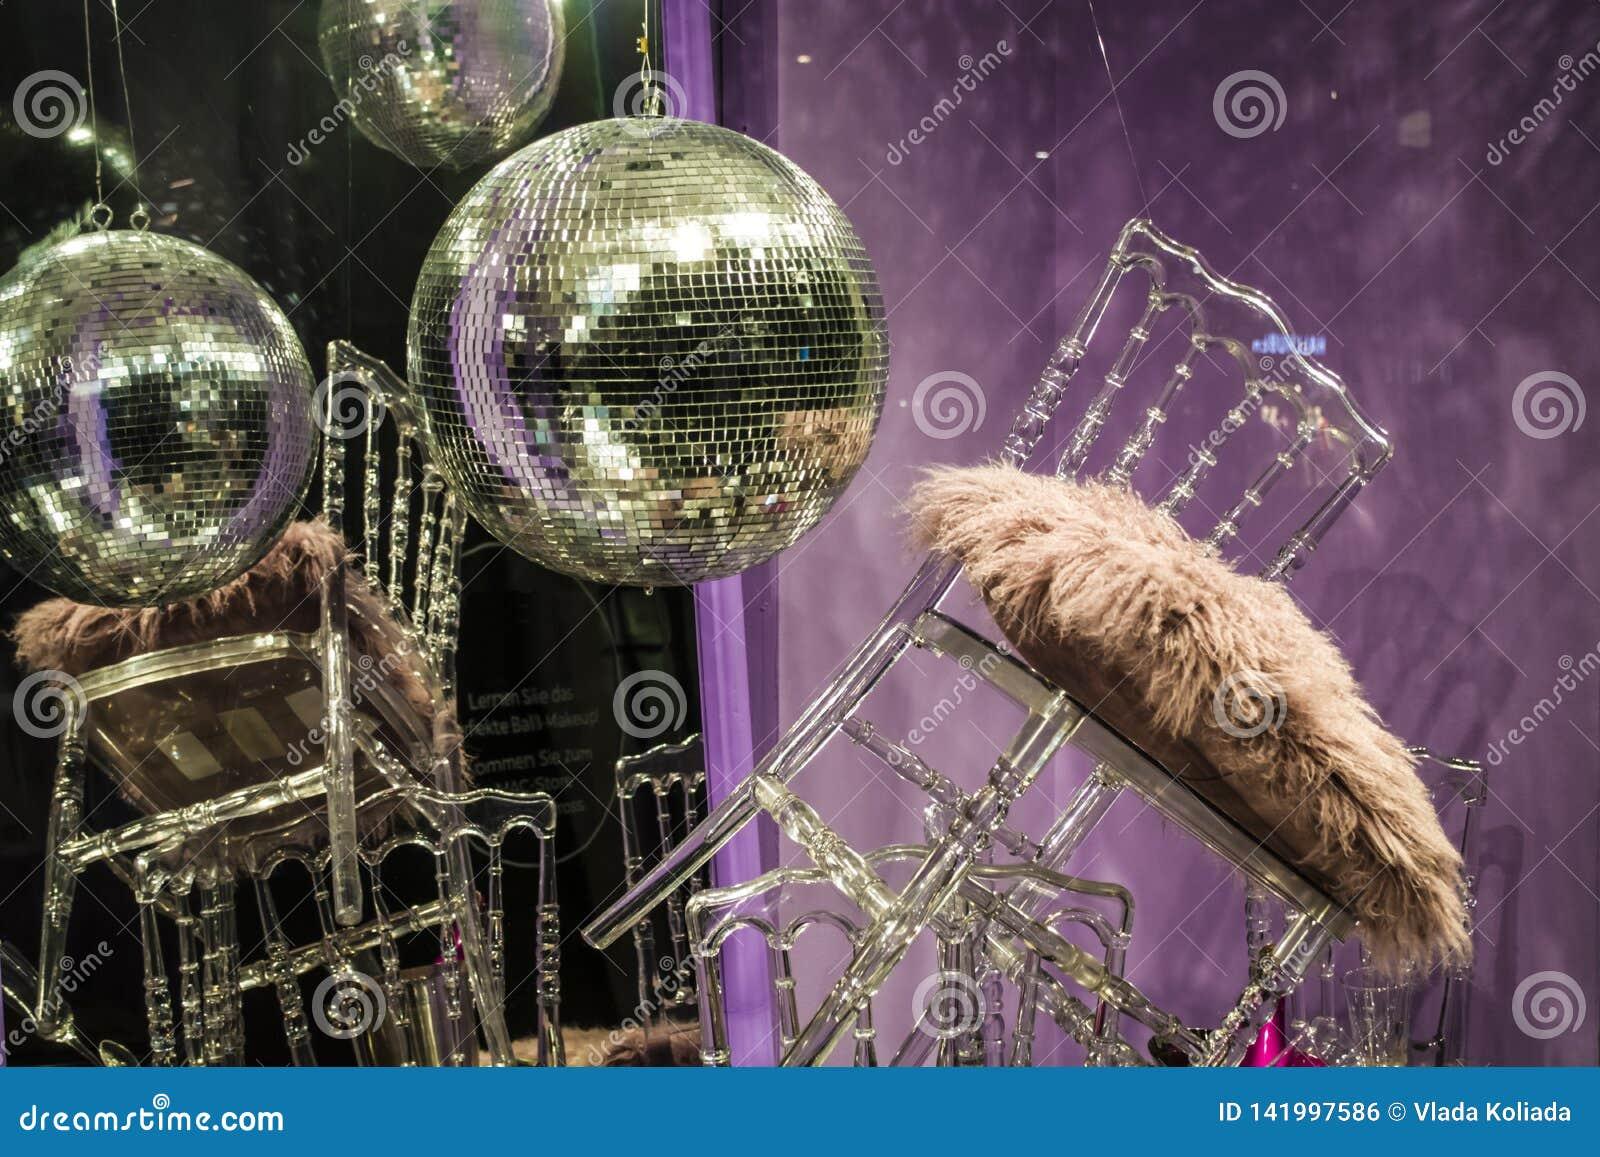 Сфера диско Разбросанные стулья и стекла, бутылки шампанского экспозиция Декоративное шоу-окно Розовые цветы беспорядок